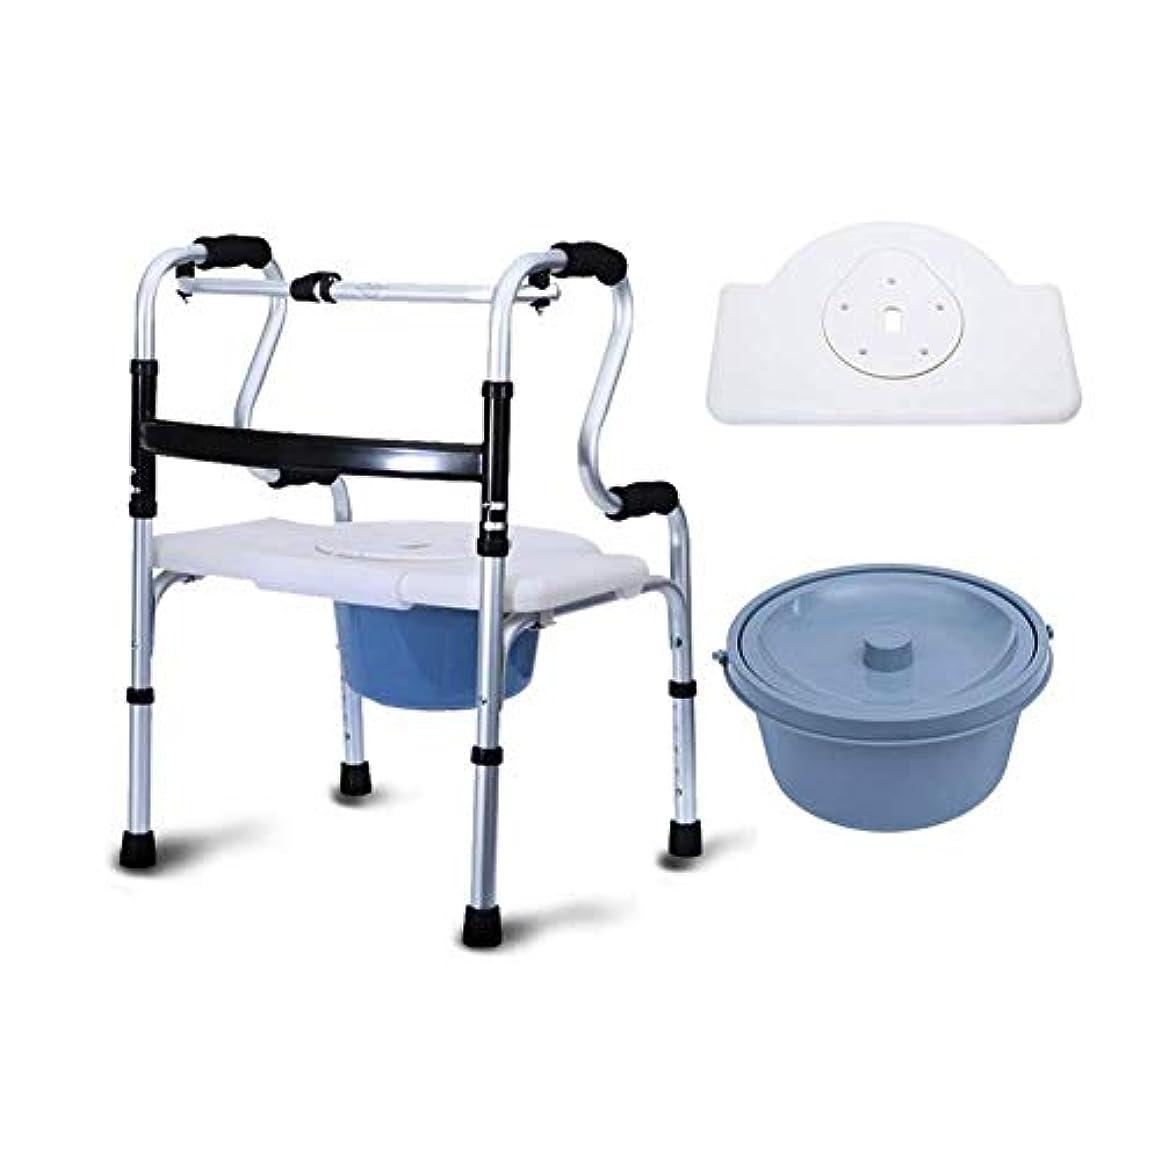 トイレ付き多機能シートウォーカー、折りたたみウォーカー調節可能な高さポータブルウォーキングフレーム